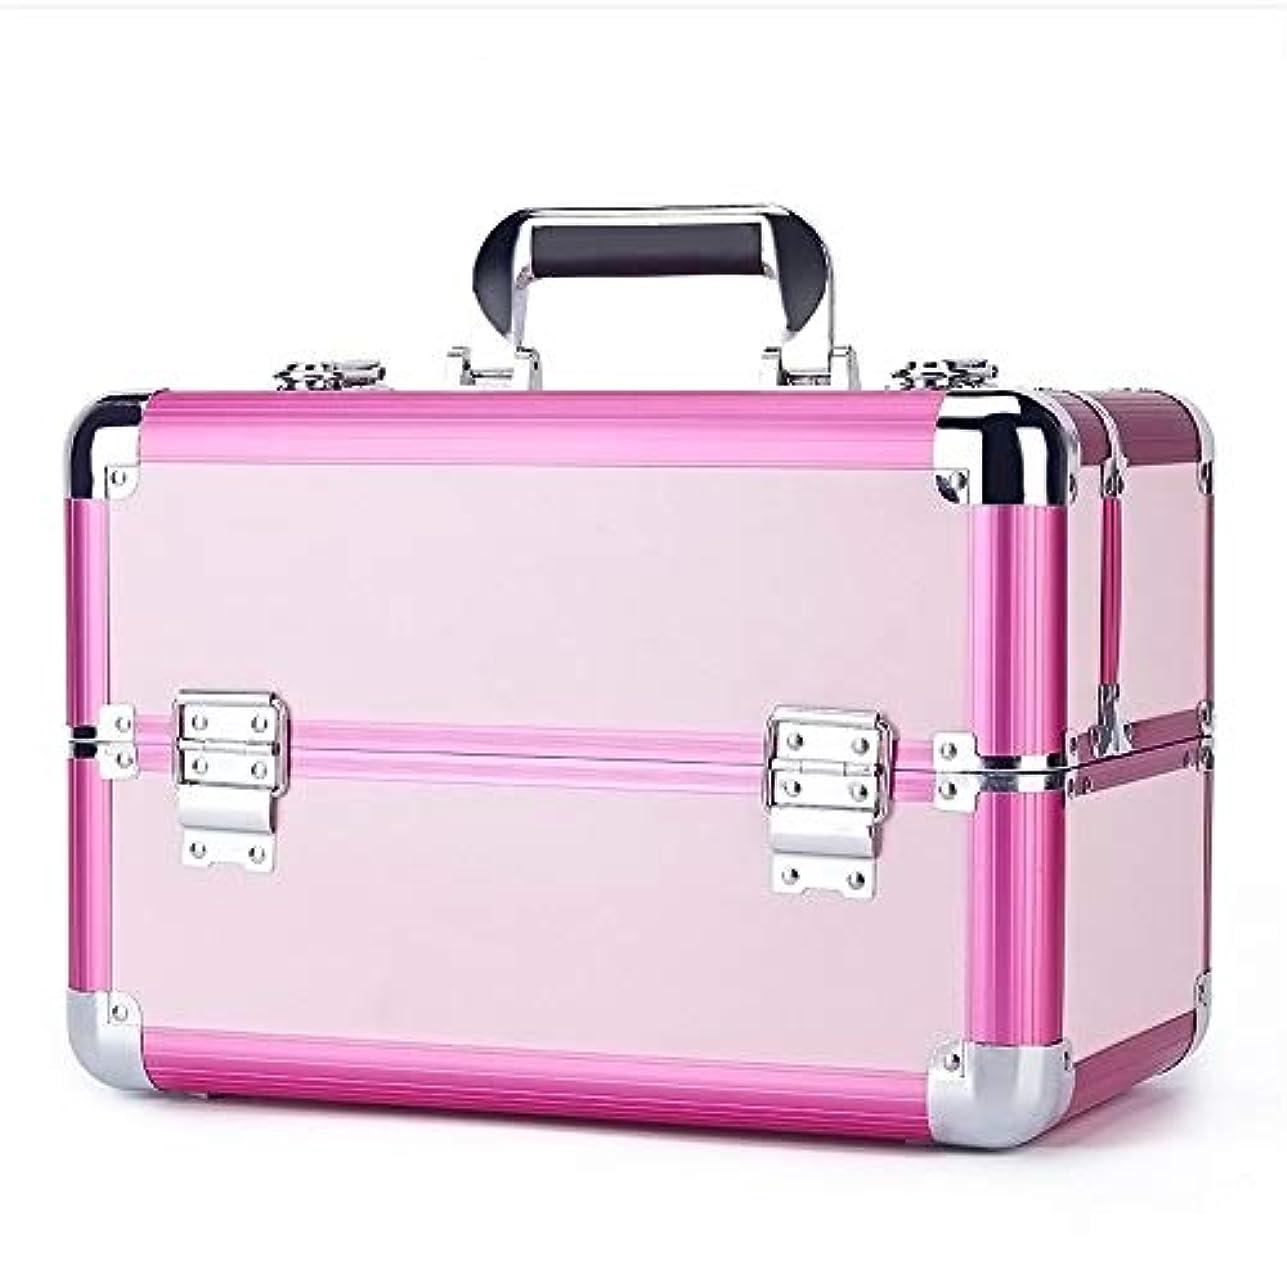 化粧オーガナイザーバッグ 旅行メイクアップバッグパターンメイクアップアーティストケーストレインボックス化粧品オーガナイザー収納用十代の女の子女性アーティスト 化粧品ケース (色 : ピンク)